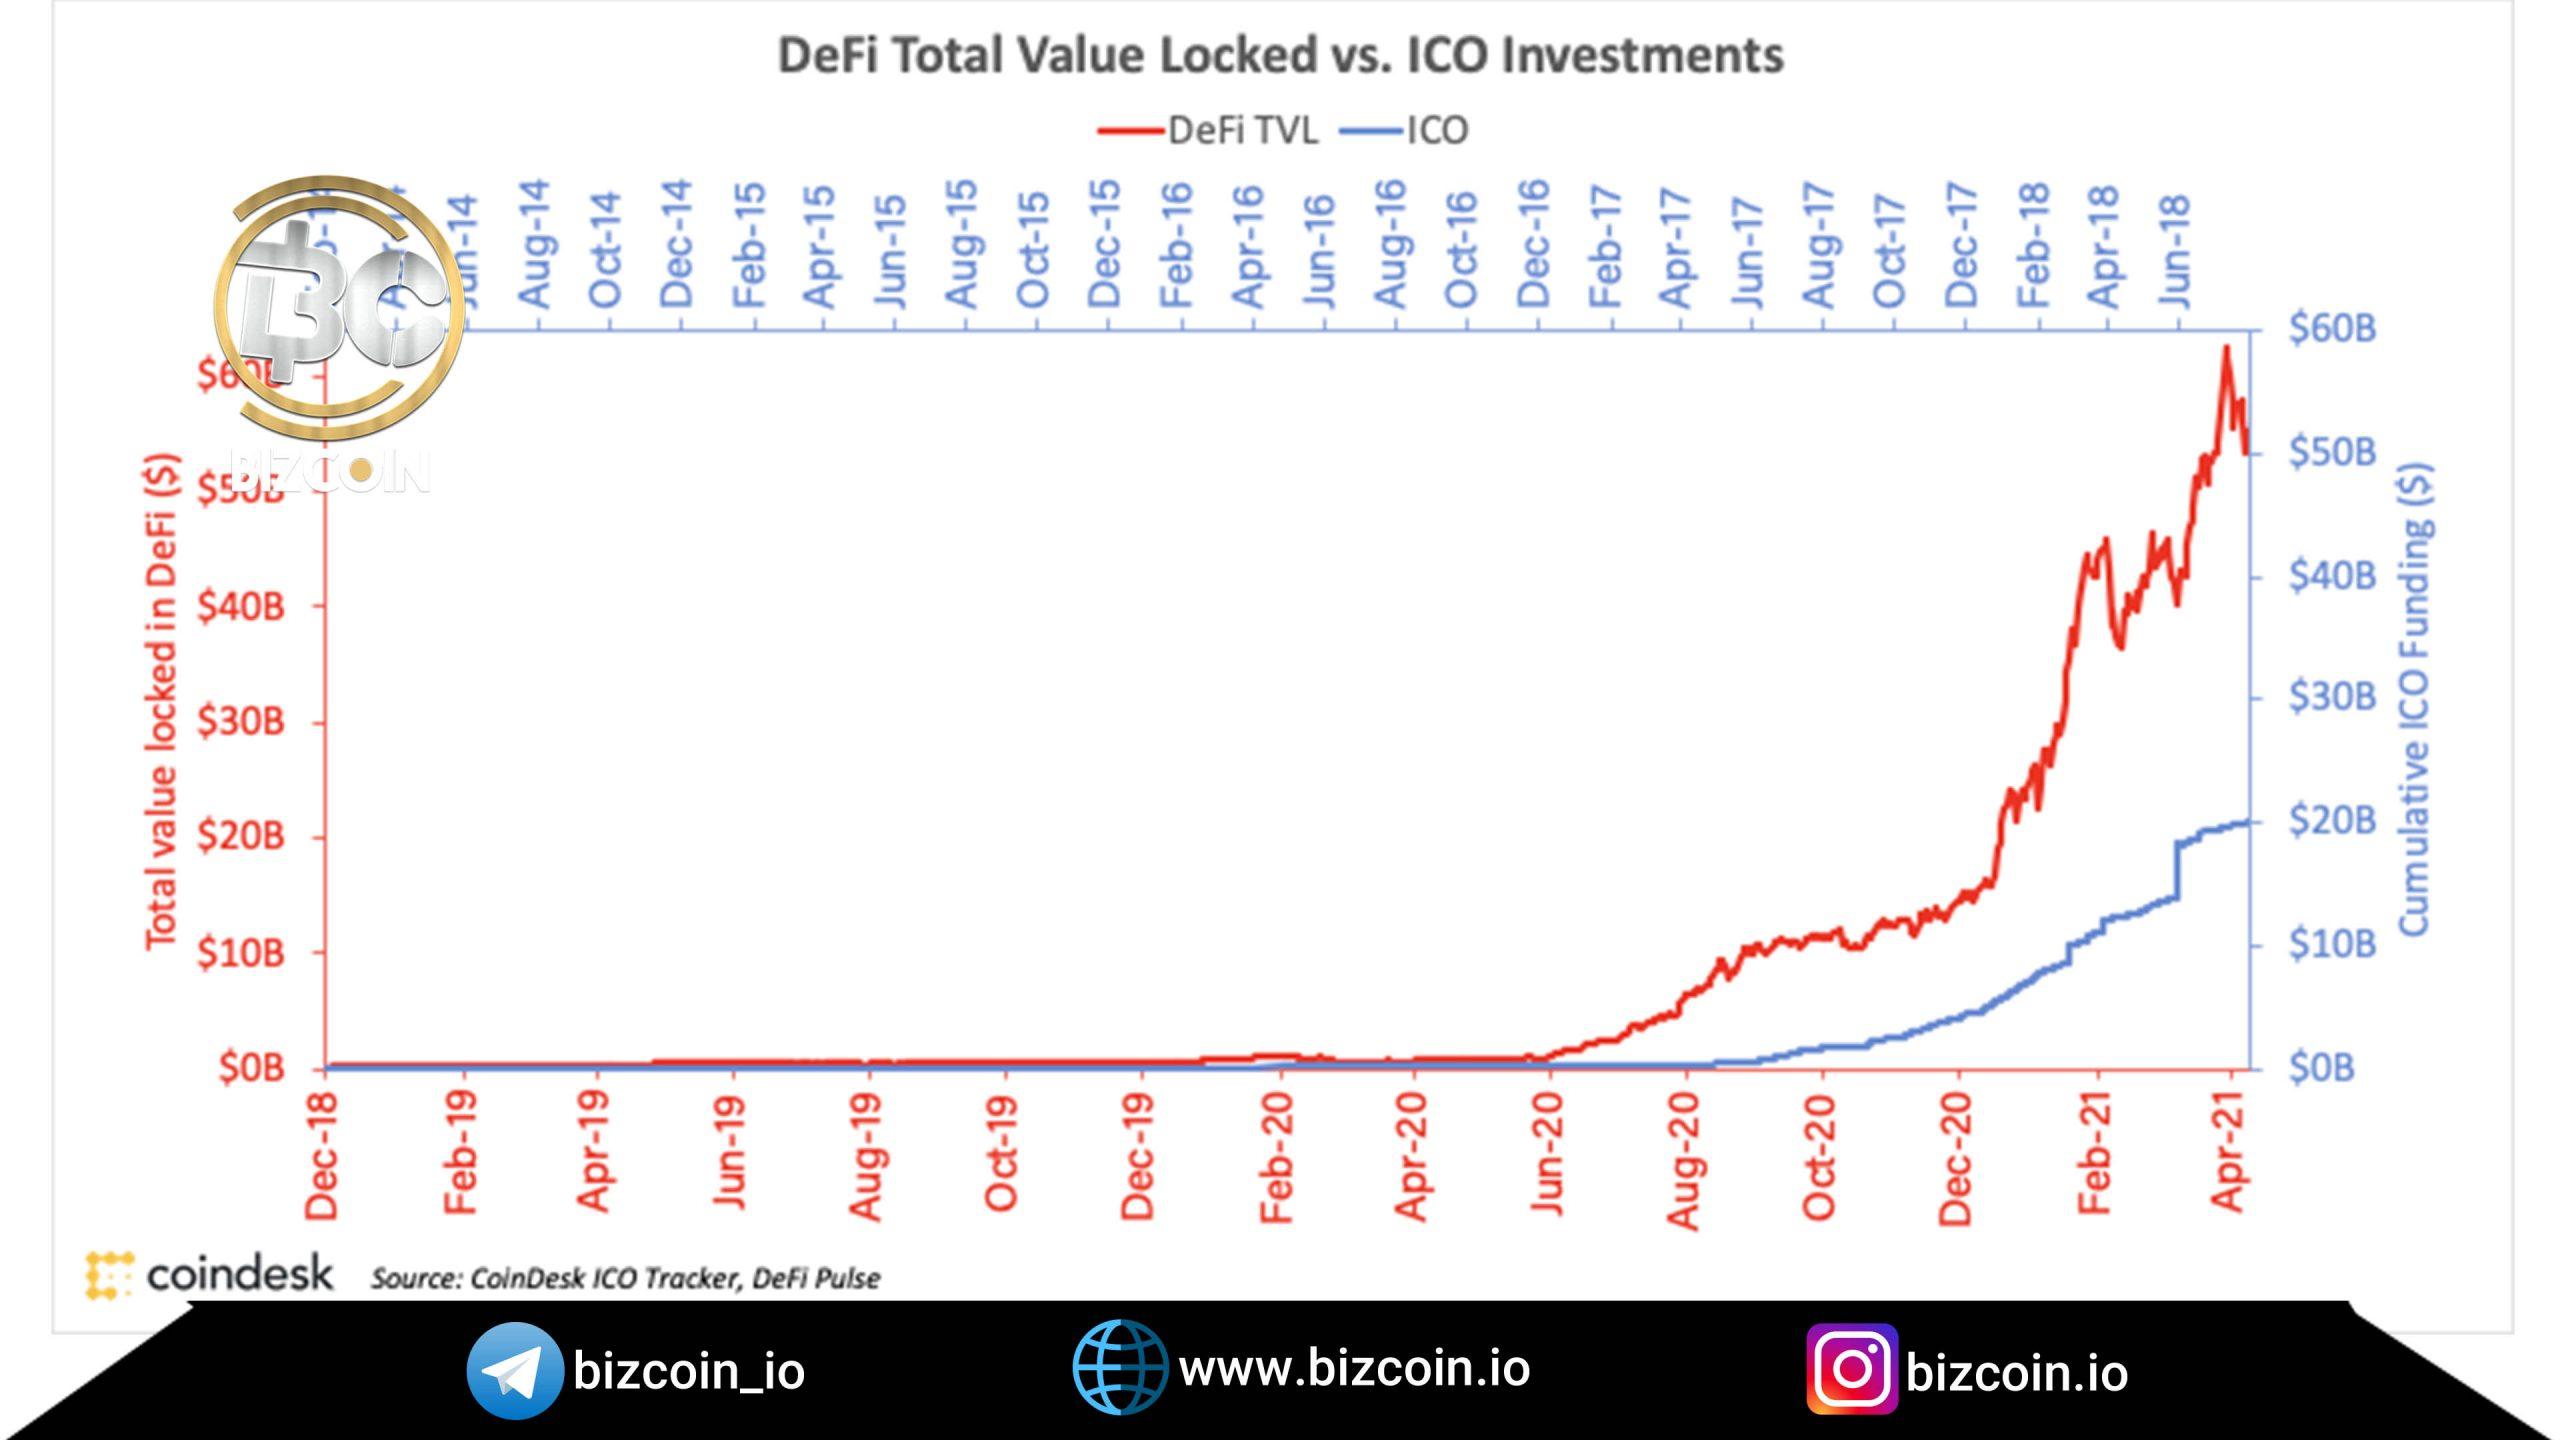 market value of Defy scaled بیش از ۱۰۰میلیارد دلار ارزش بازار دیفای است